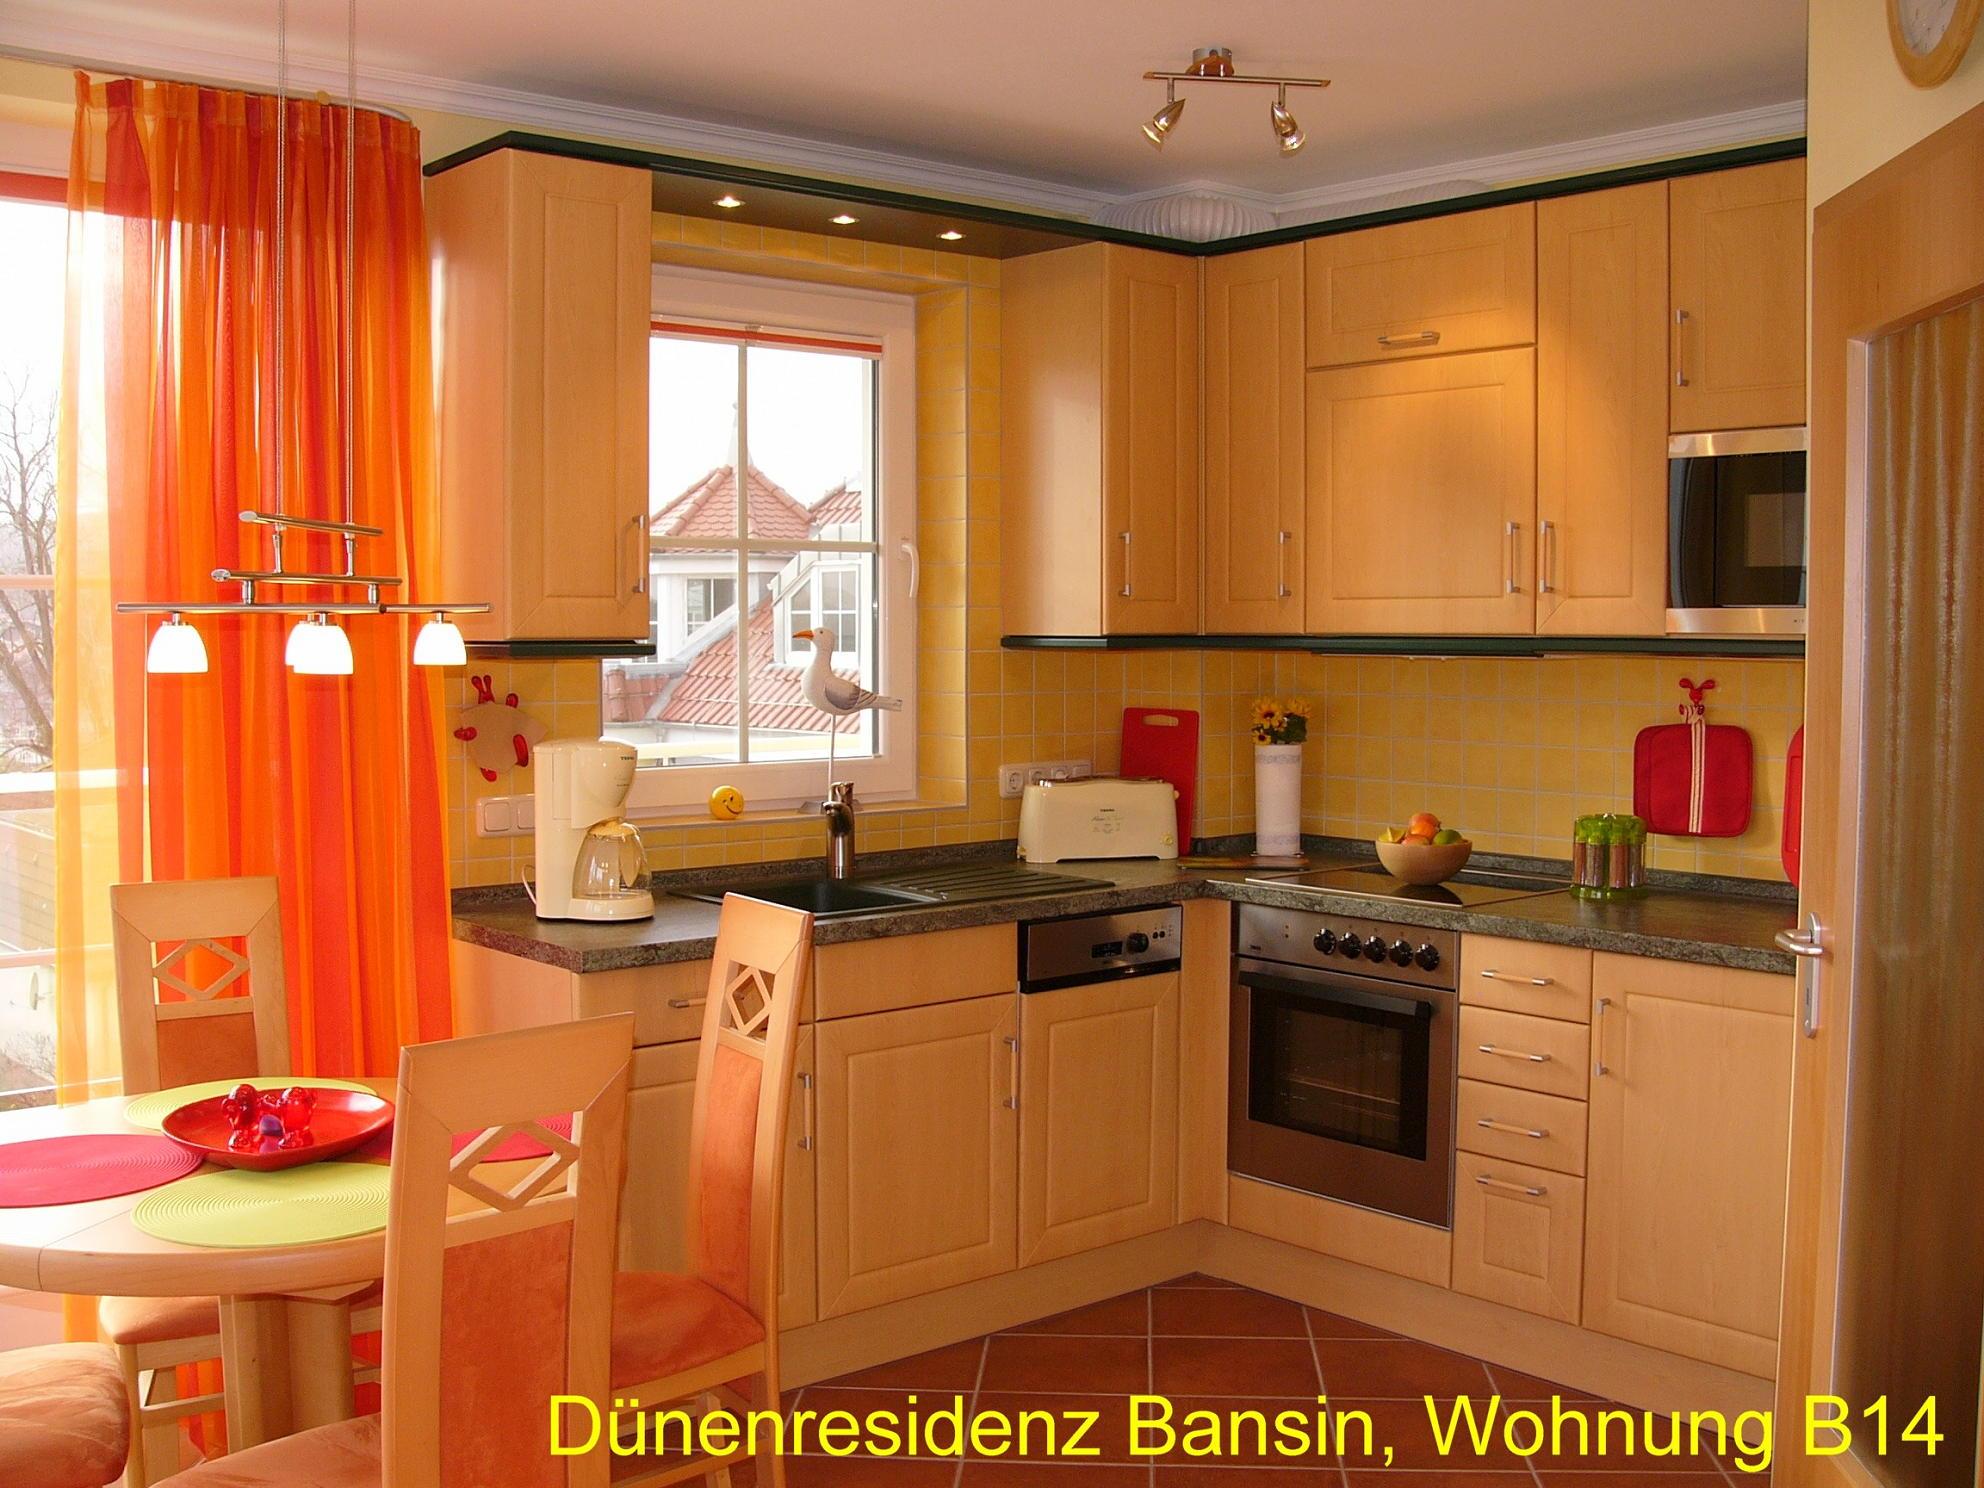 Gebrauchte Küchen Stuttgart: Post